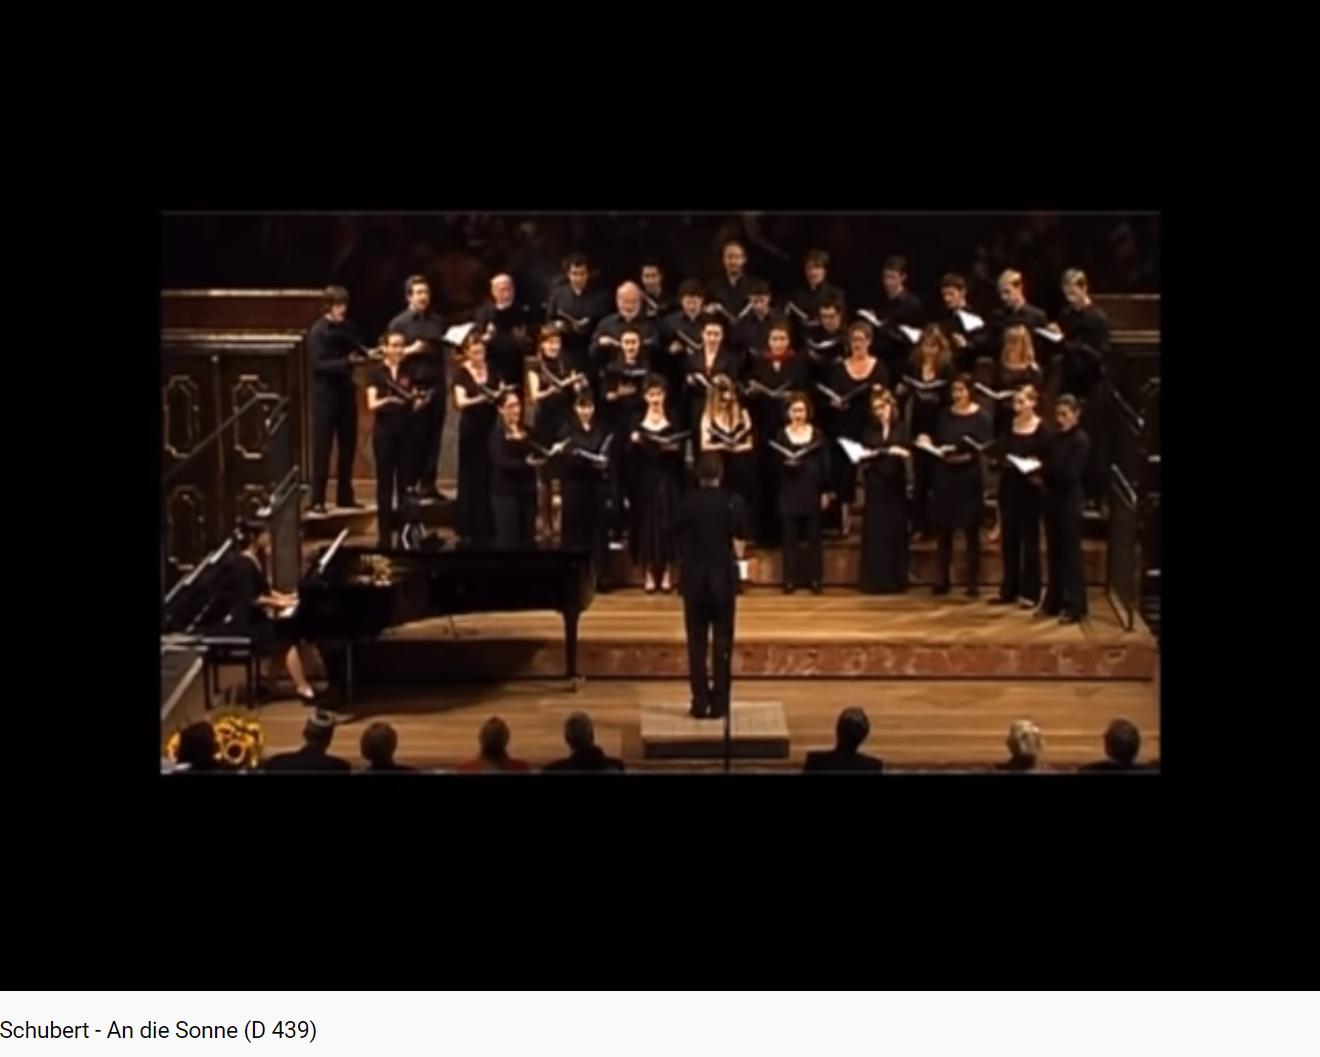 Schubert An die Sonne D. 439